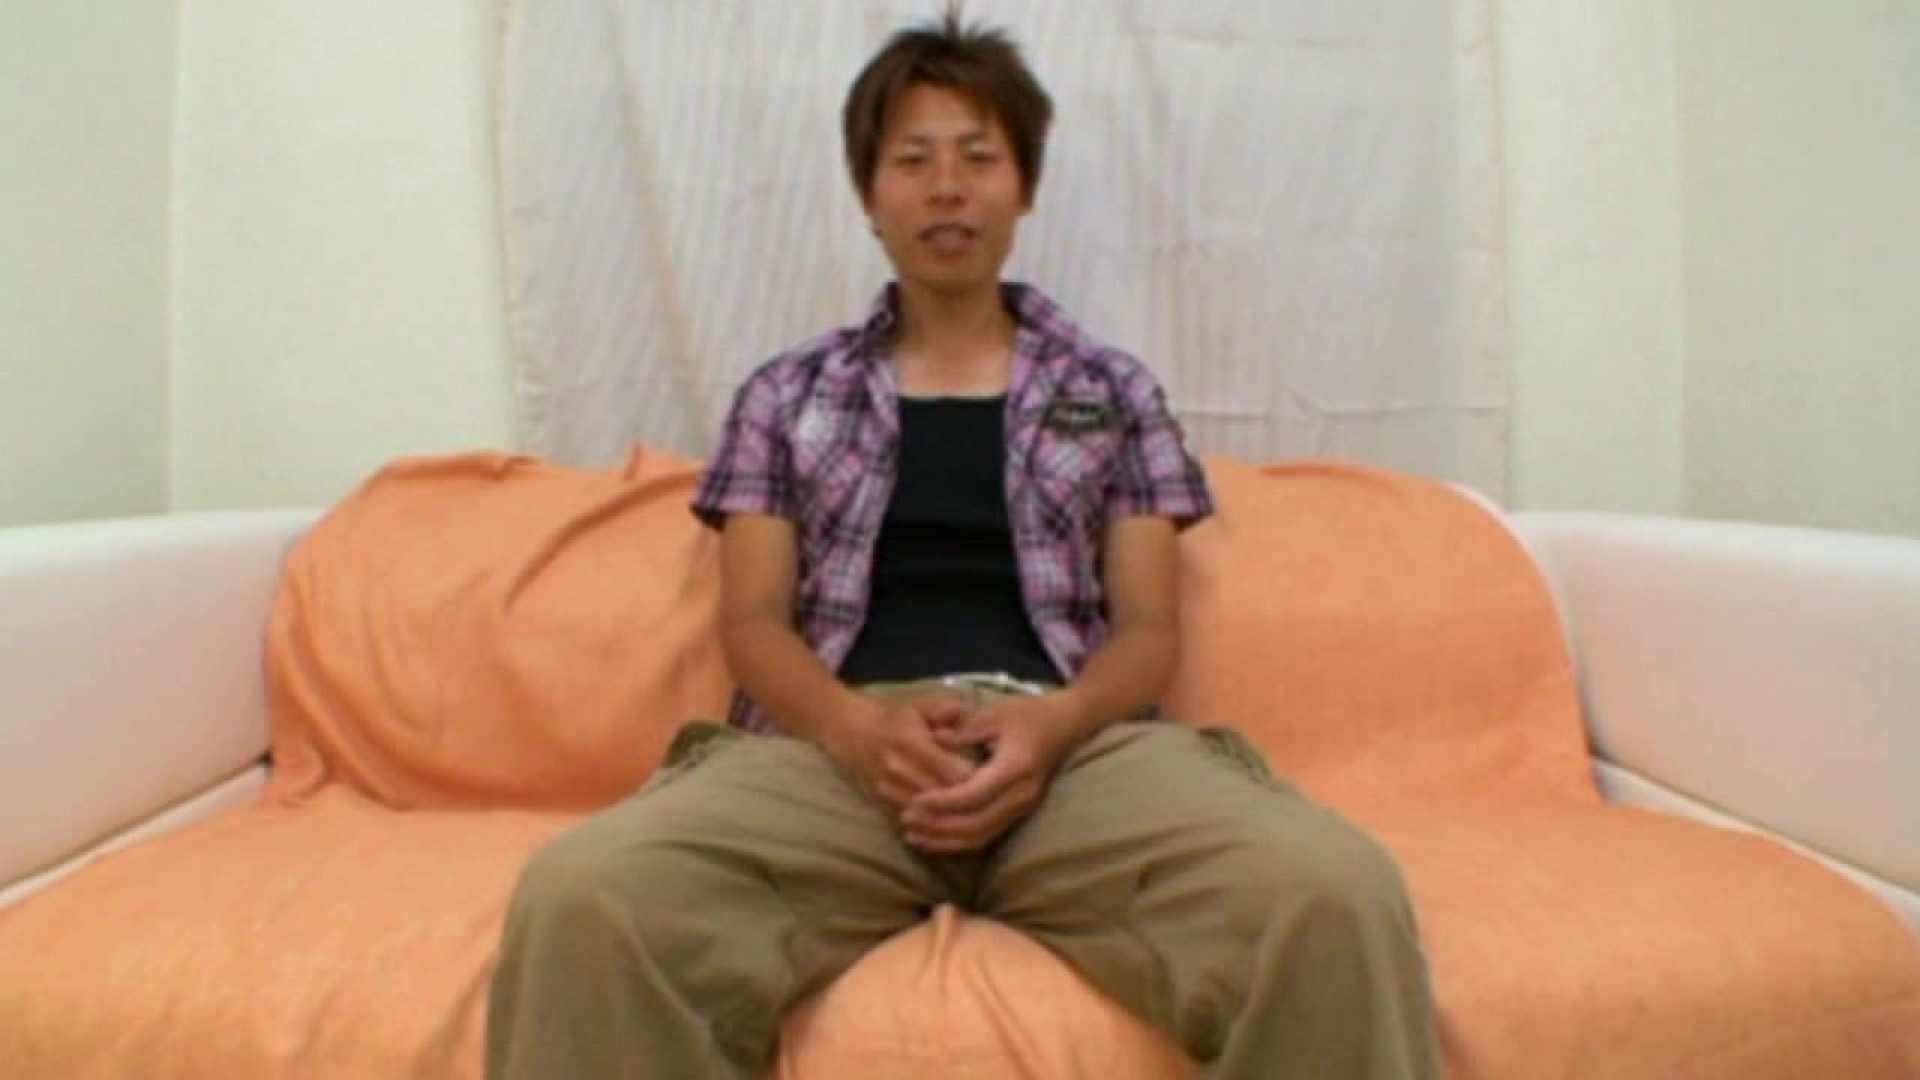 ノンケ!自慰スタジオ No.10 オナニー ゲイセックス画像 83pic 6